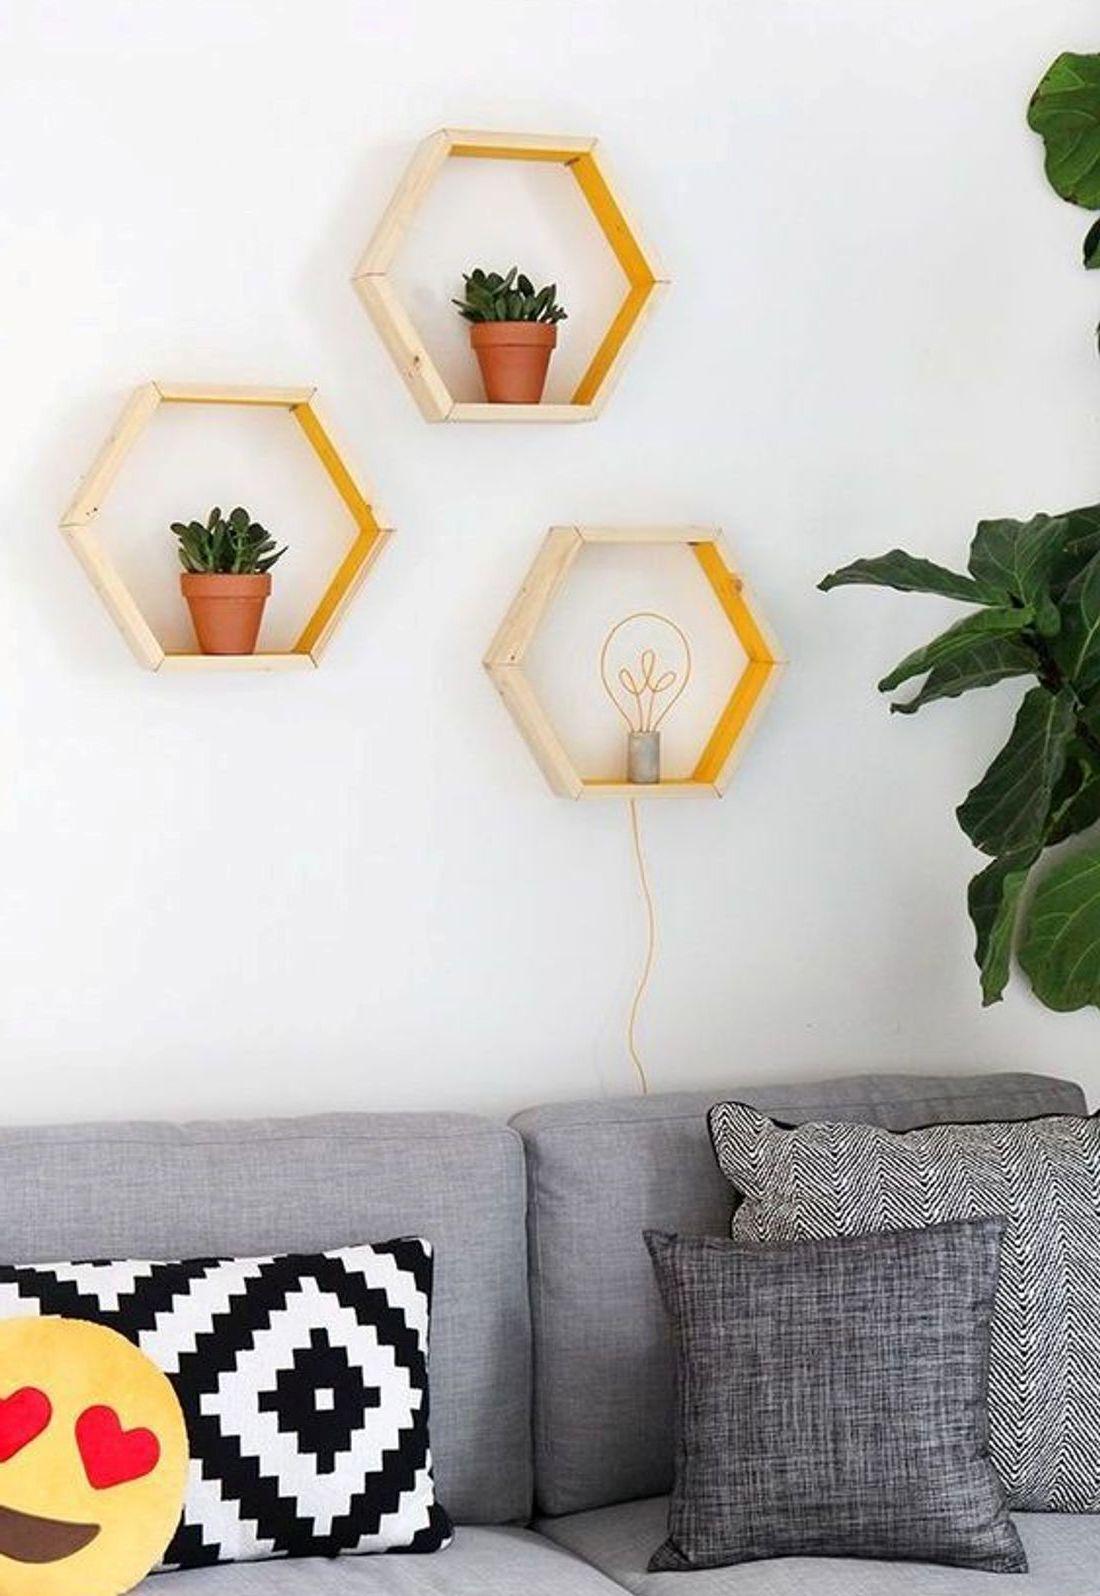 blumentopfhalter selber bauen, diy ideen mit sechseck: ausgefallenes schuhregal selber bauen - diy, Design ideen